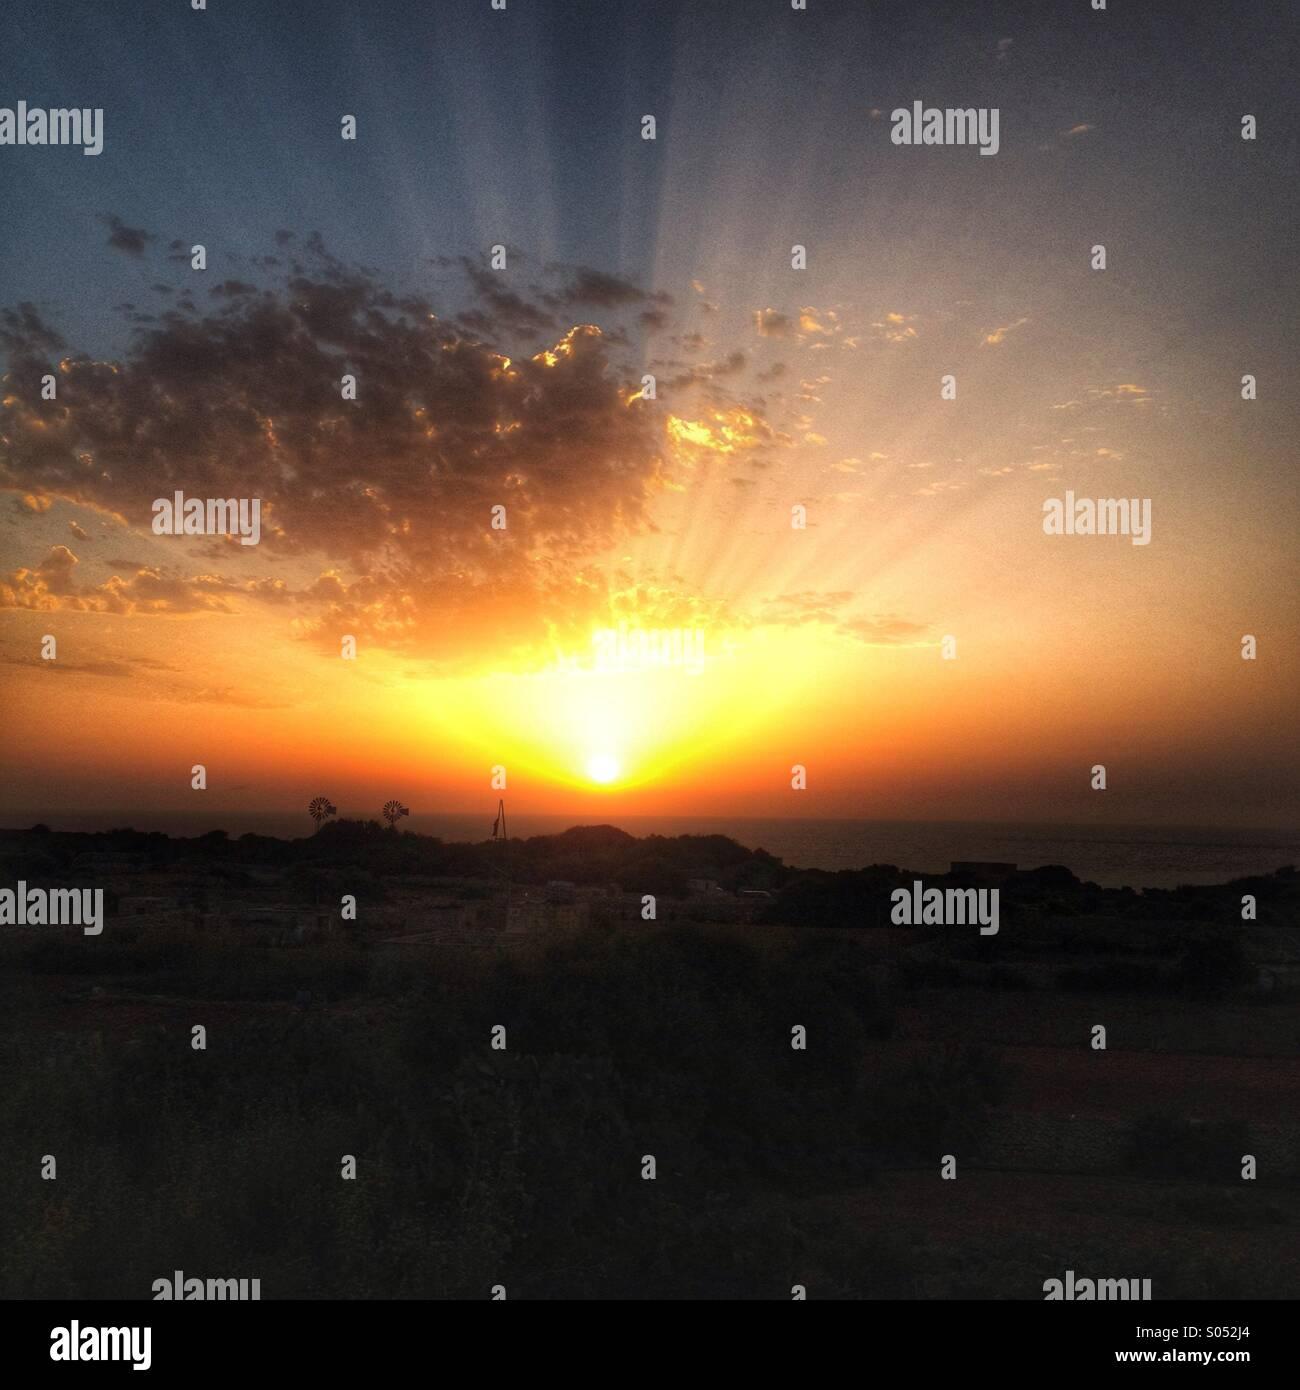 Sunrise looking towards Ramla bay, Gozo - Stock Image